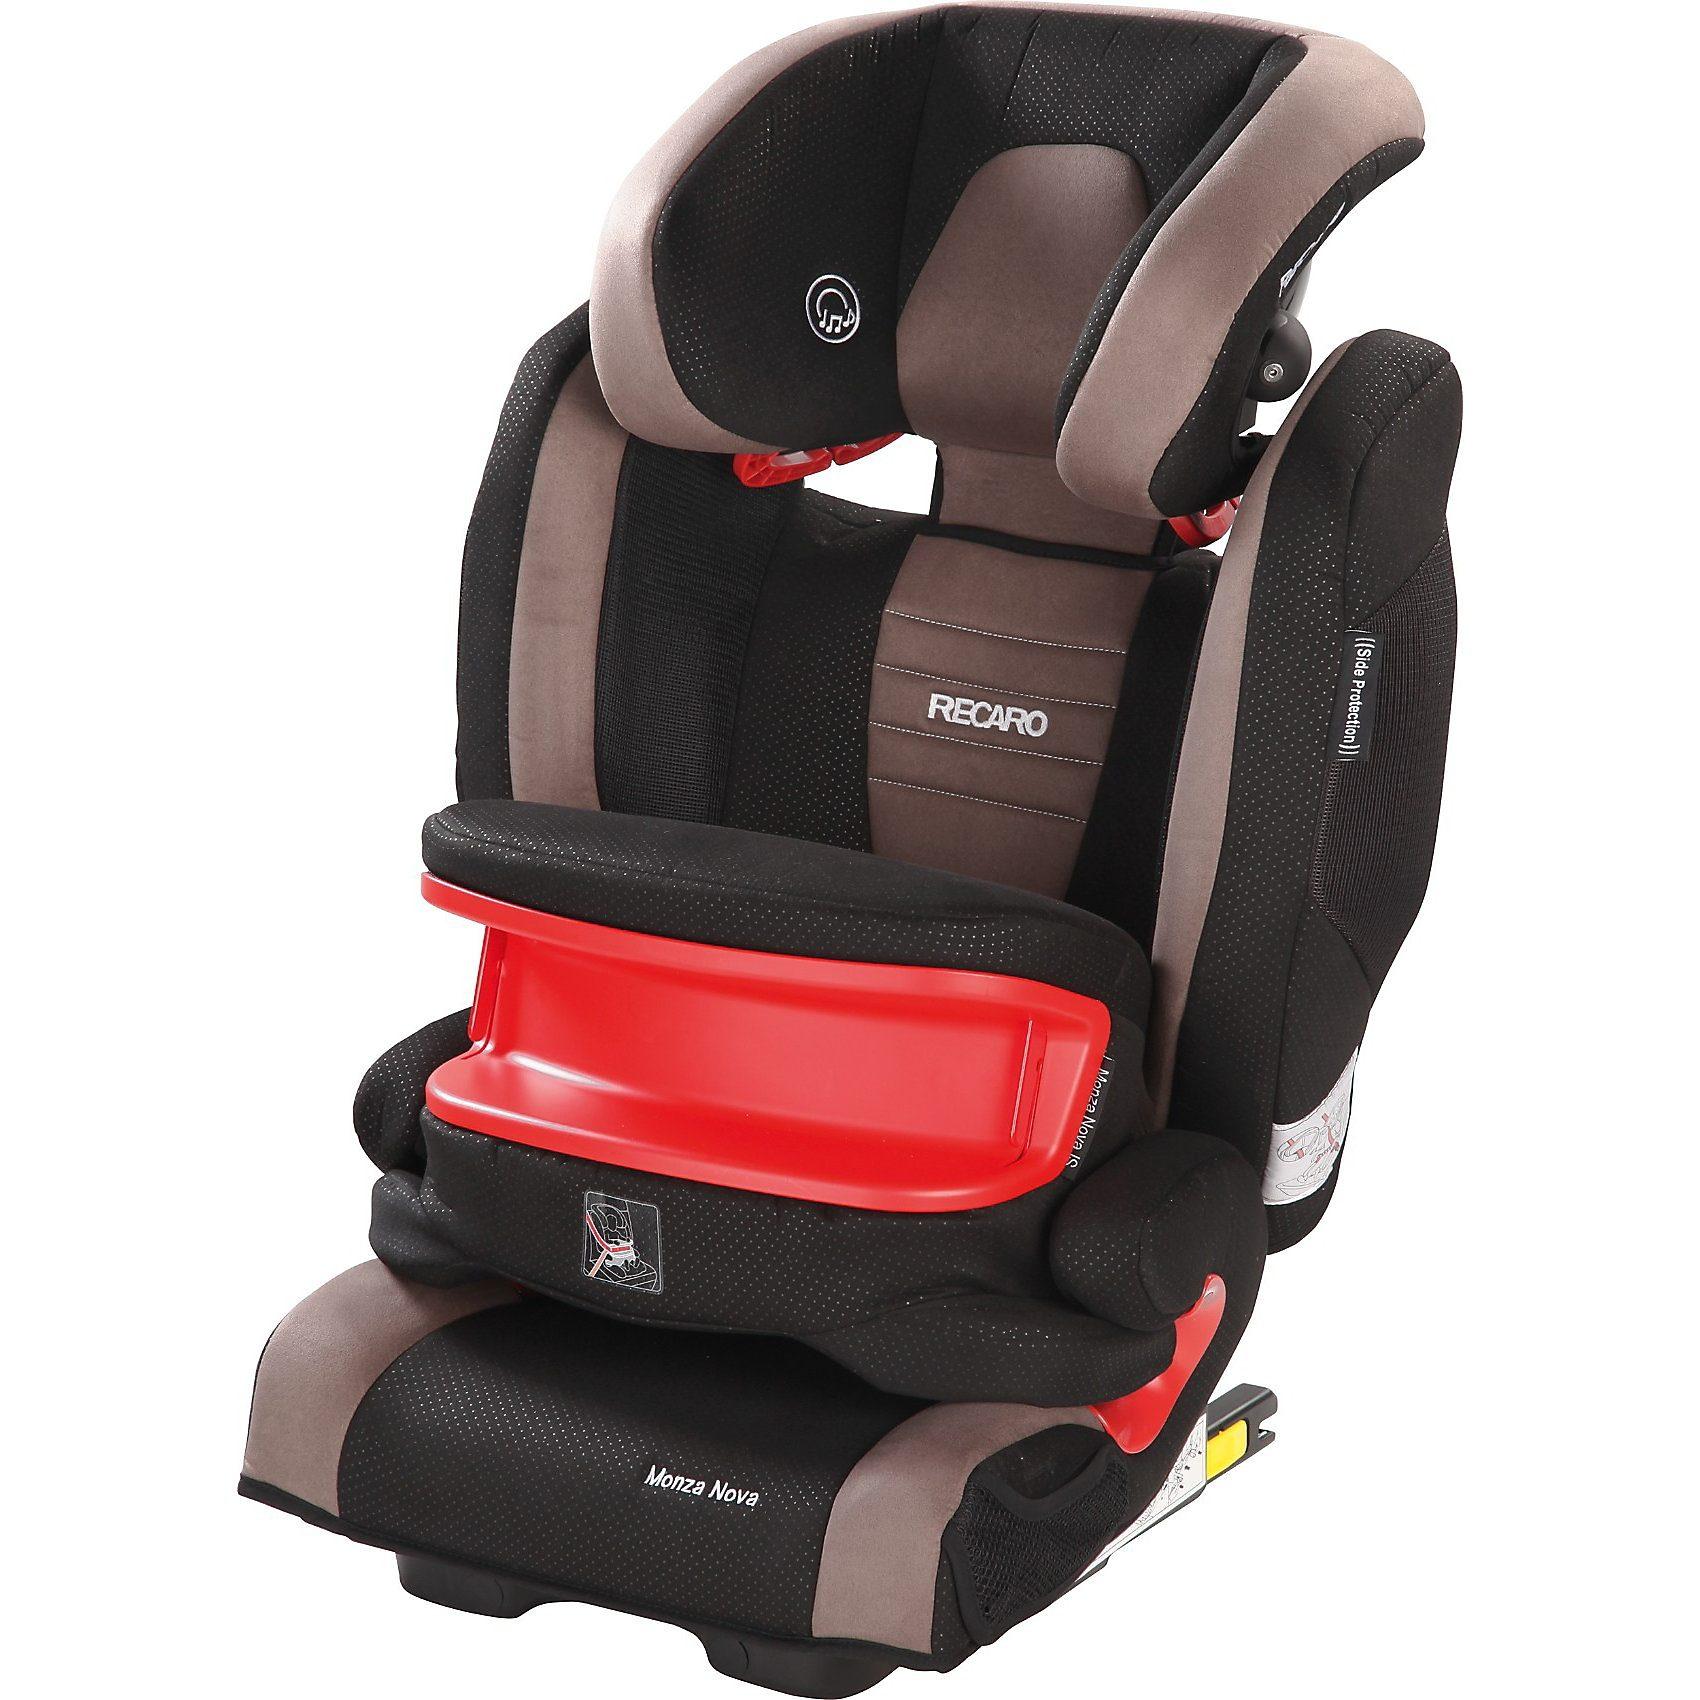 RECARO Auto-Kindersitz Monza Nova IS Seatfix, Mocca